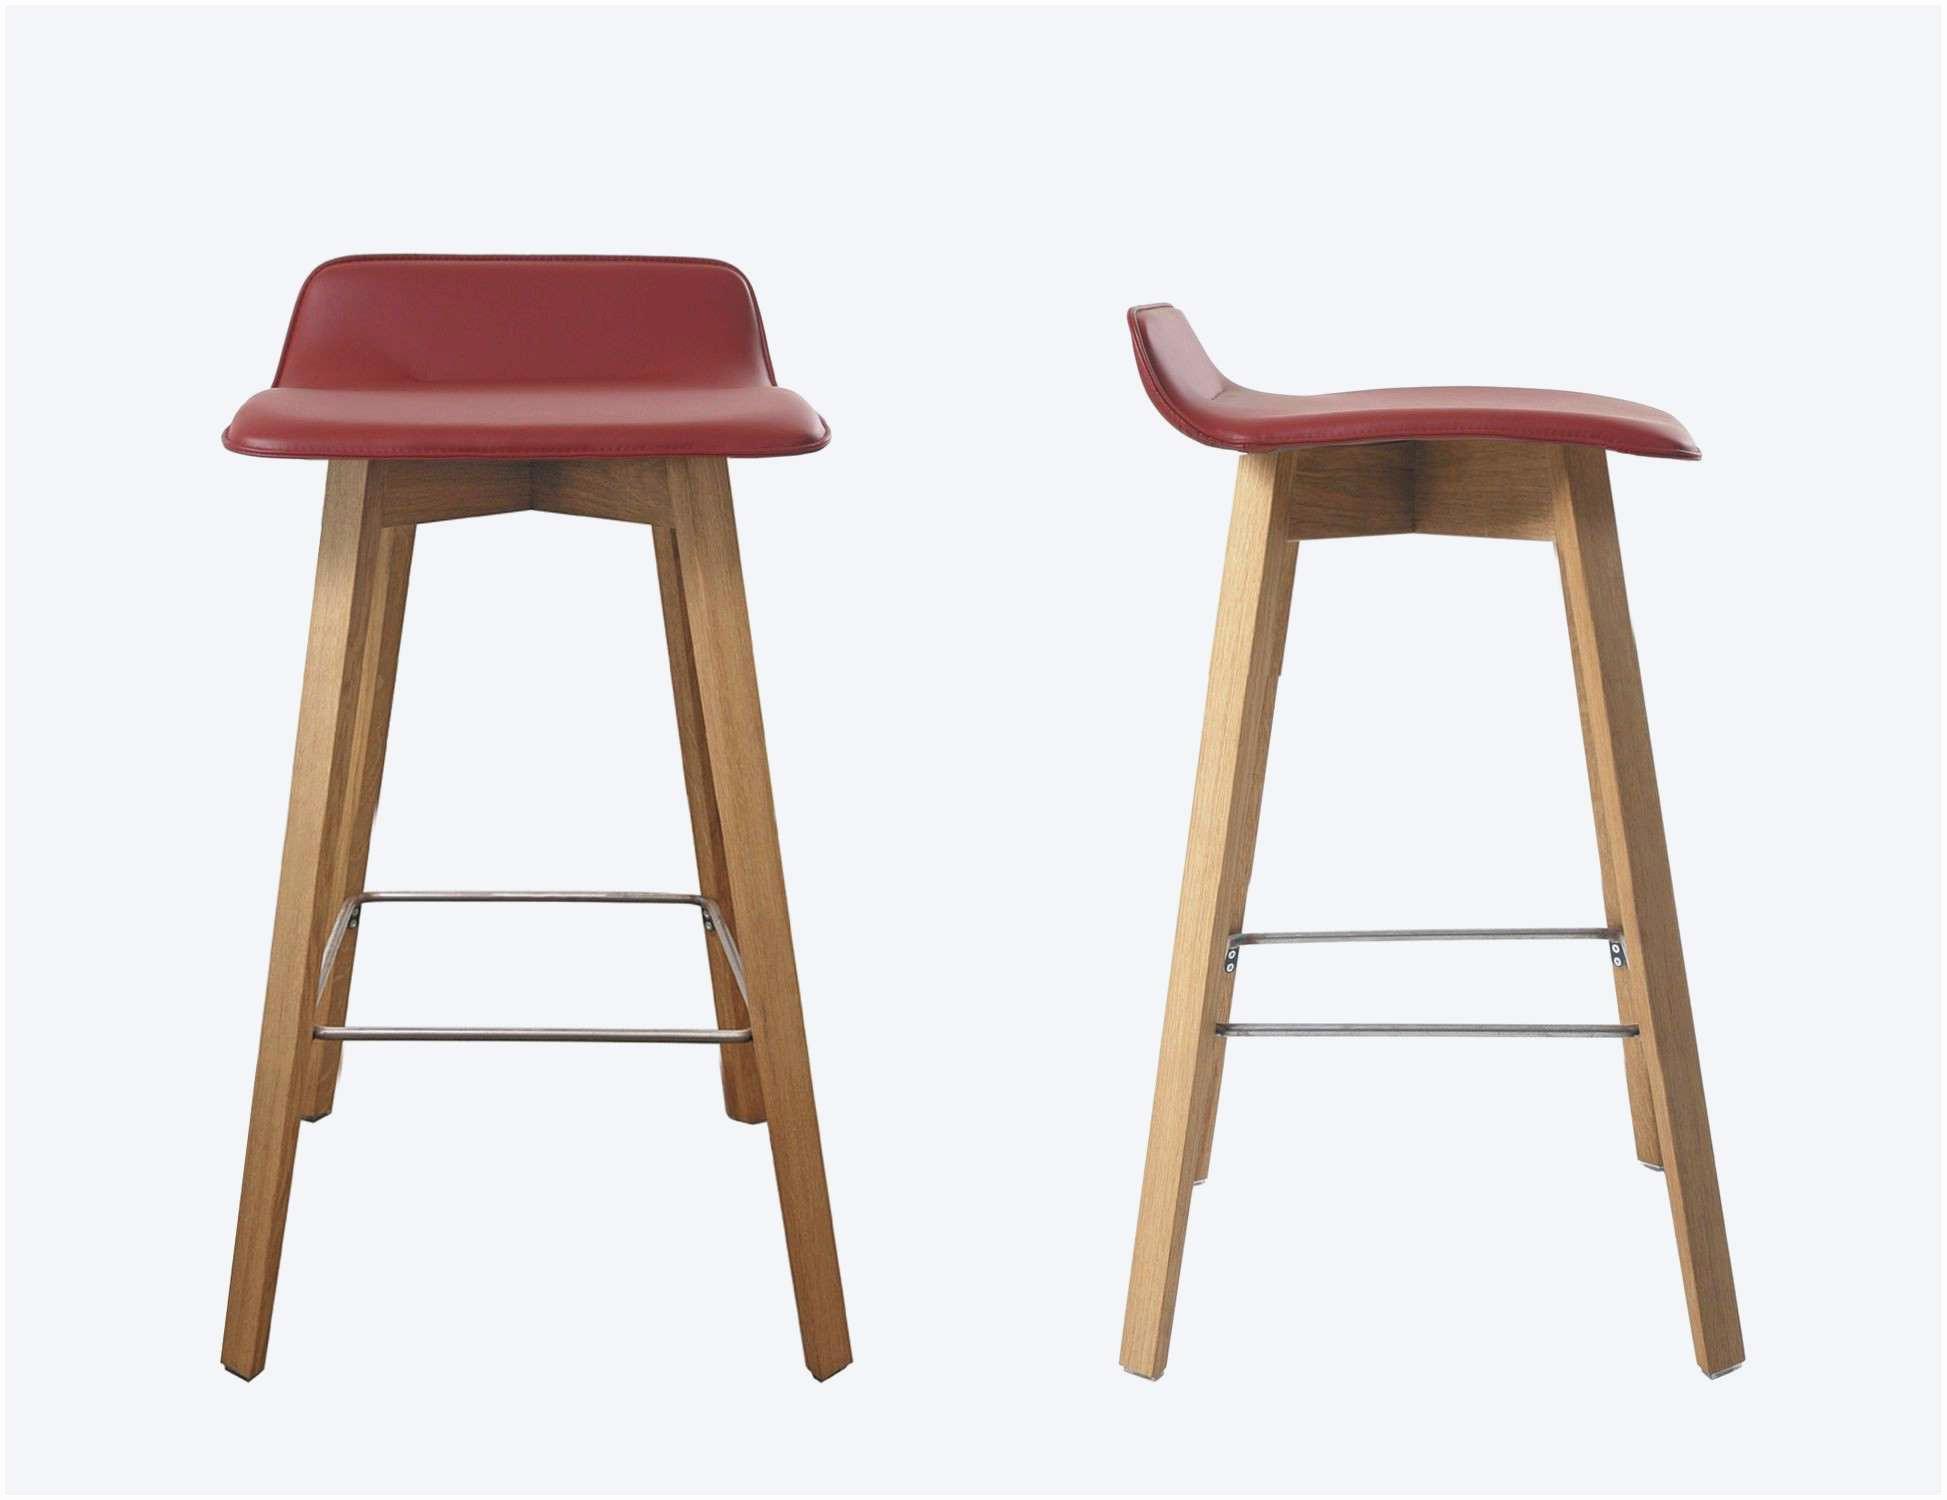 chaise hauteur assise 55 cm meilleur de beau tabouret de bar hauteur 65 cm meilleur de chaise hauteur assise of chaise hauteur assise 55 cm